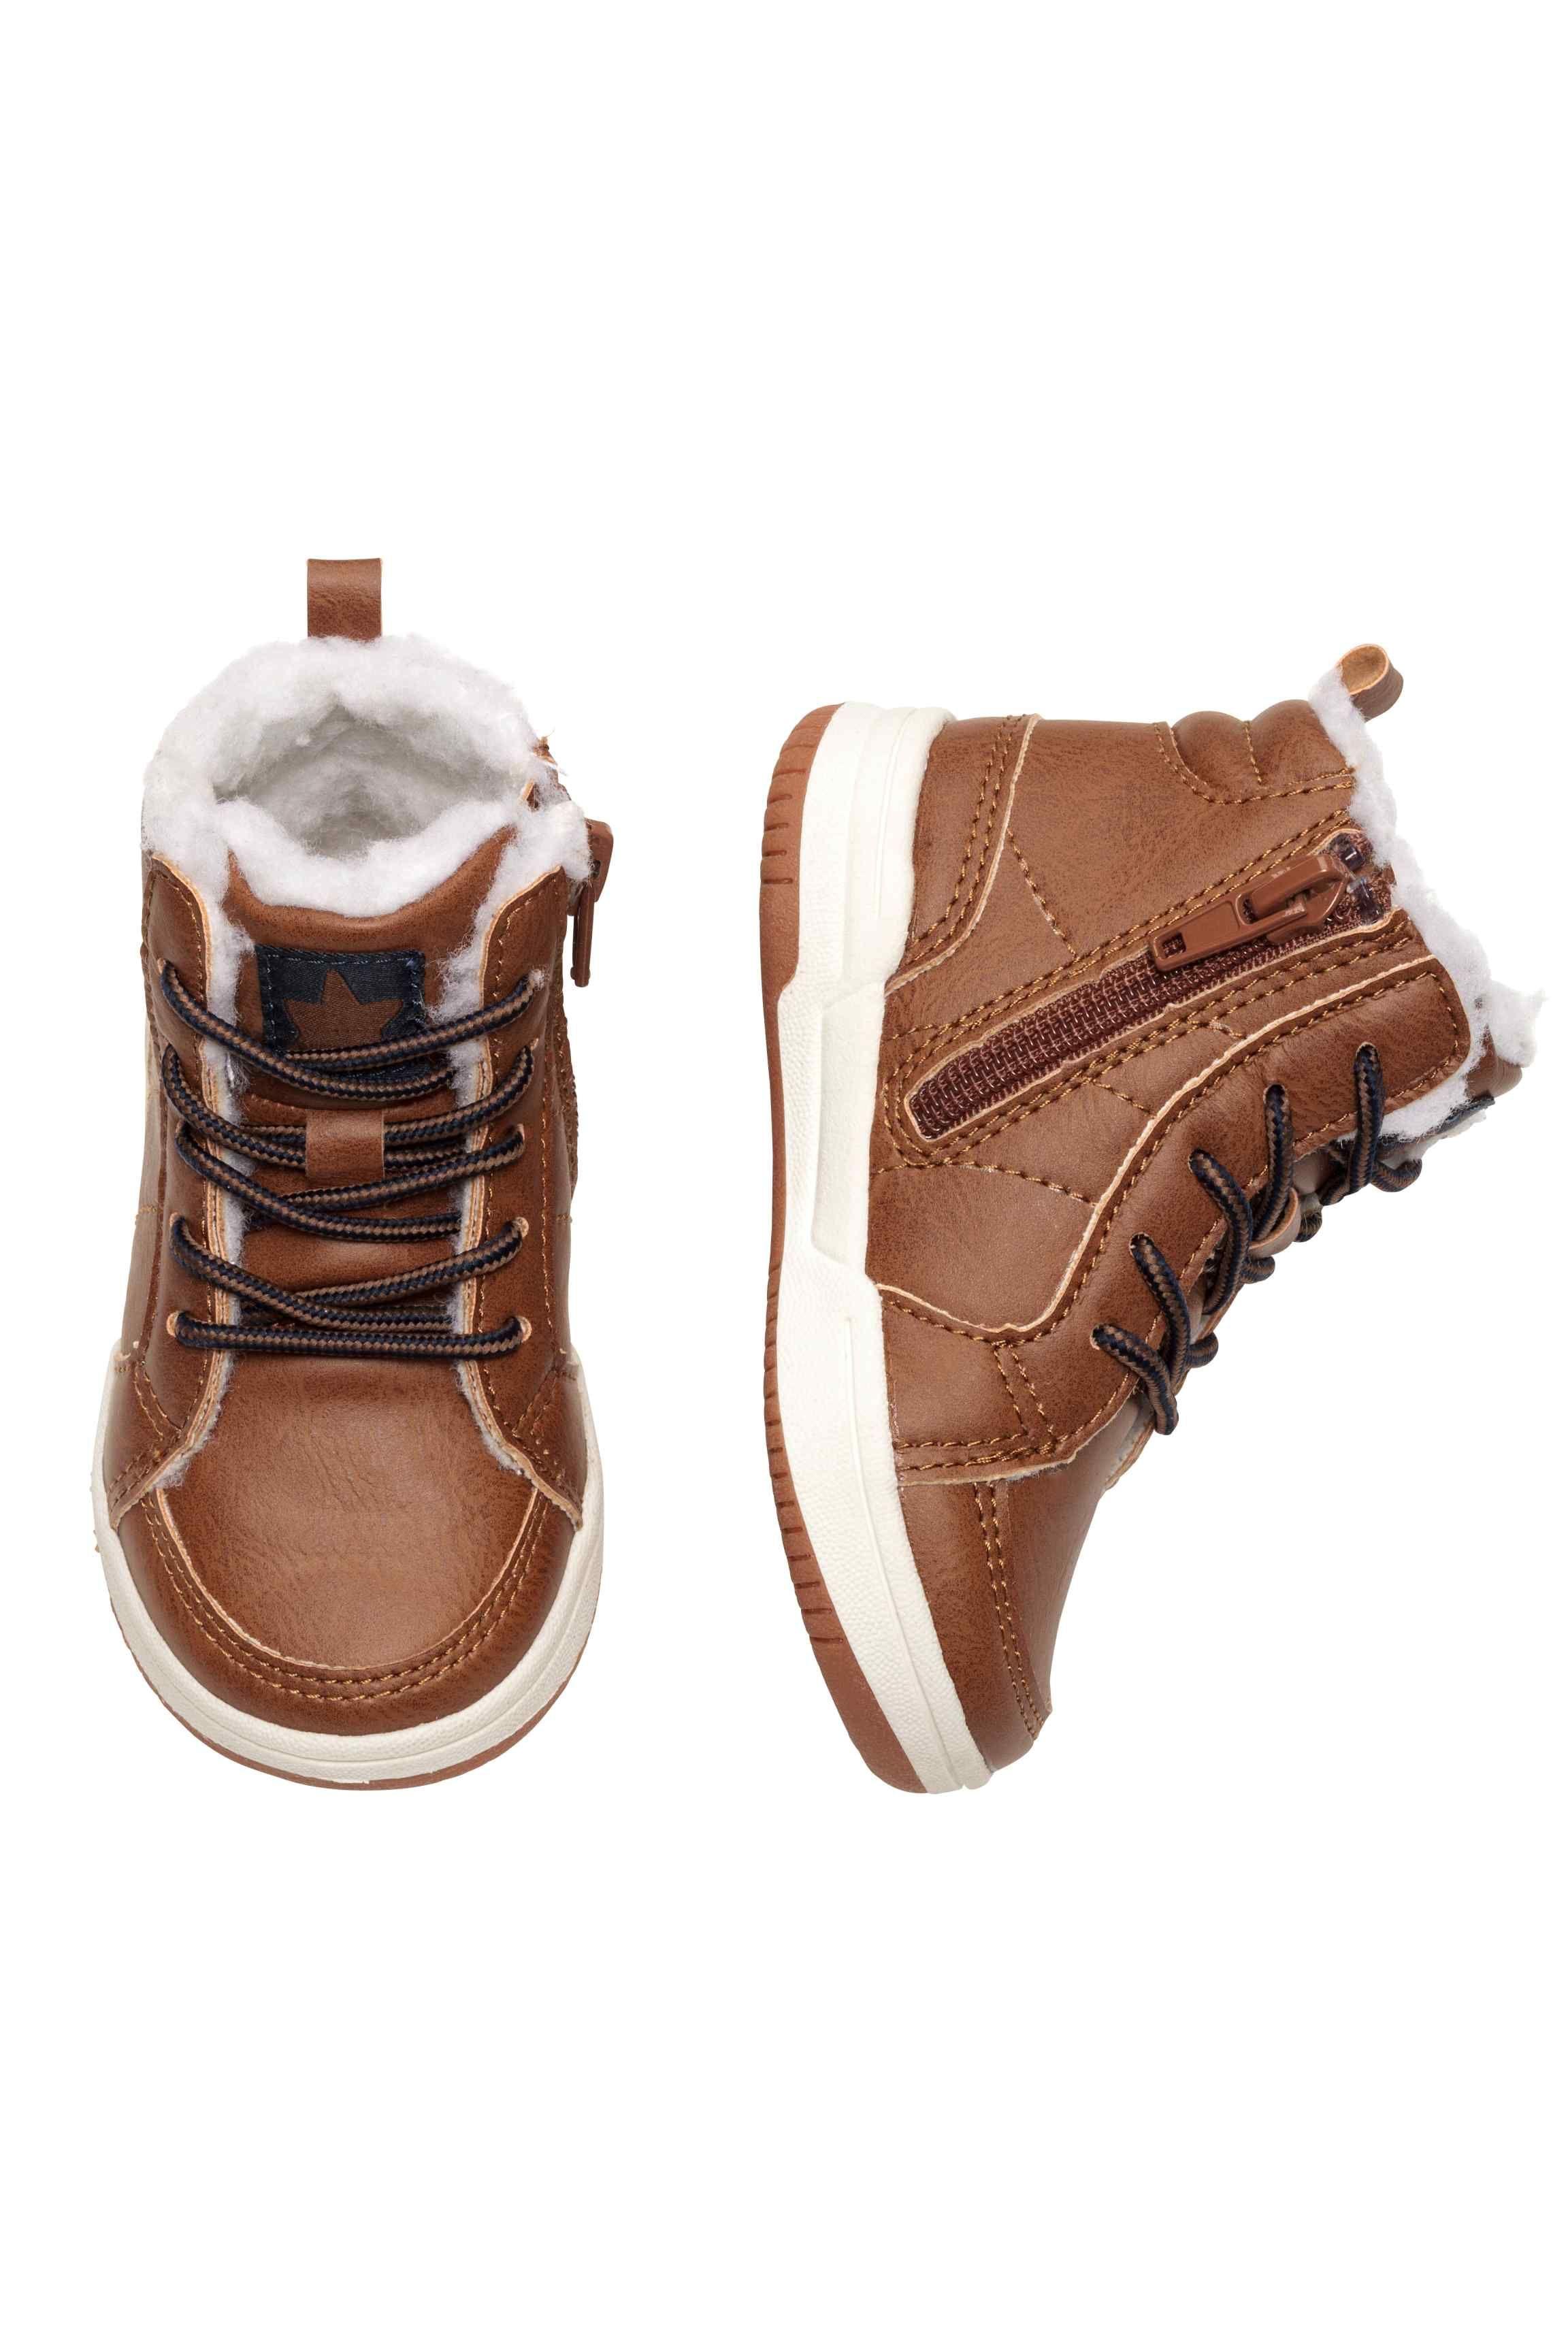 Buty Sportowe Do Kostki Jasnobrazowy Dziecko H M Pl Kids Fashion Boy Leather High Tops Kids Fashion